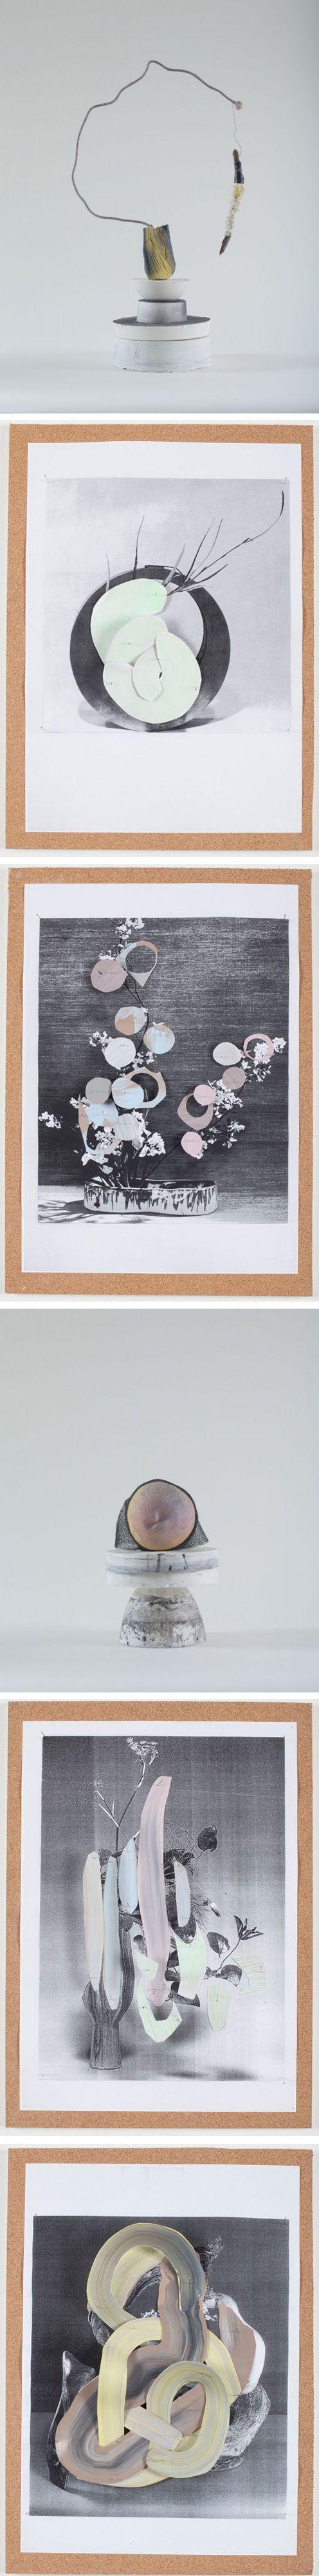 22 best Bruce Ingram images on Pinterest   Contemporary art ...